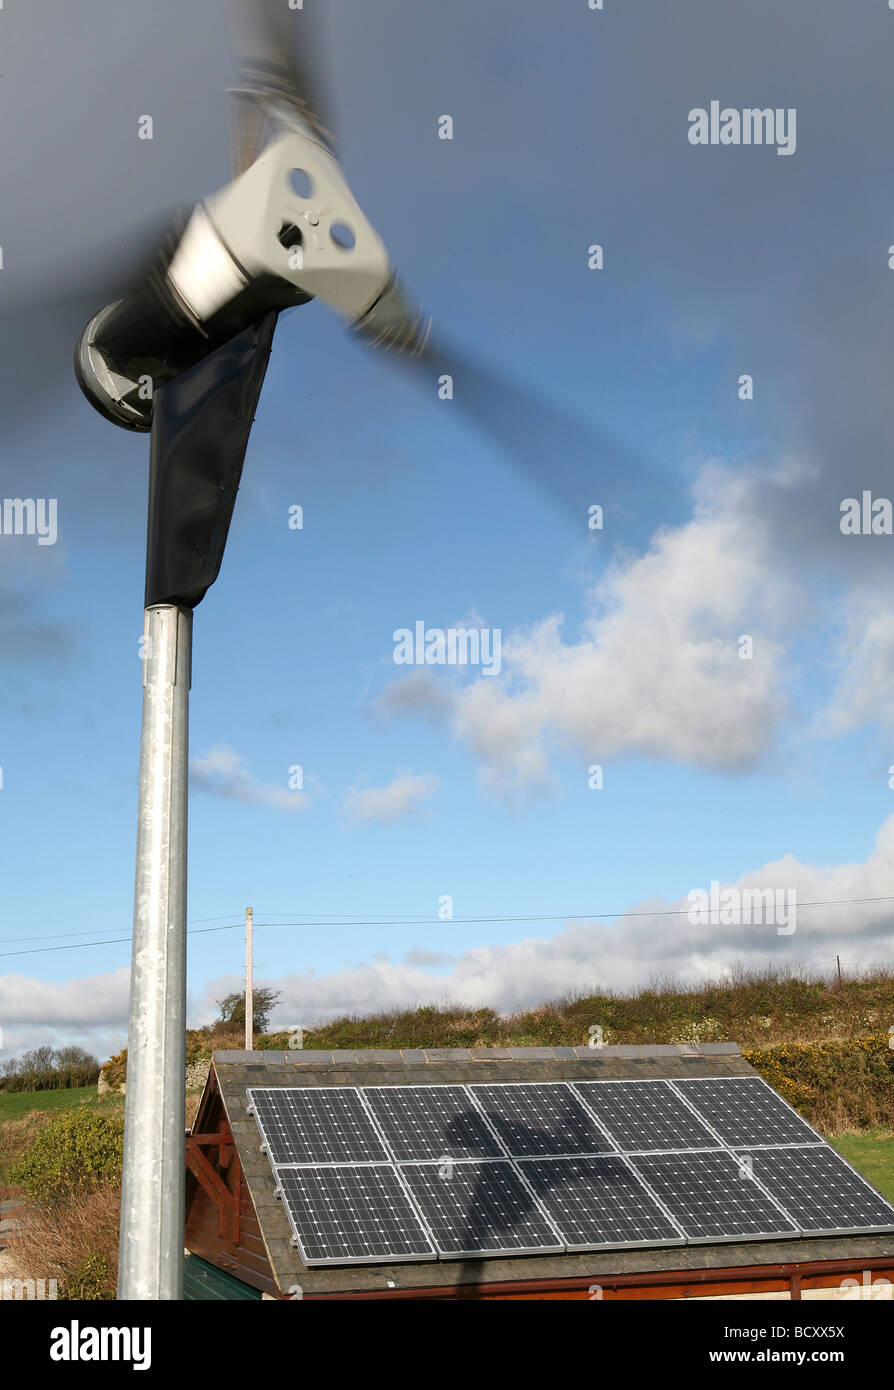 Inländischen Windkraftanlage mit Photovoltaik-Zellen Stockbild